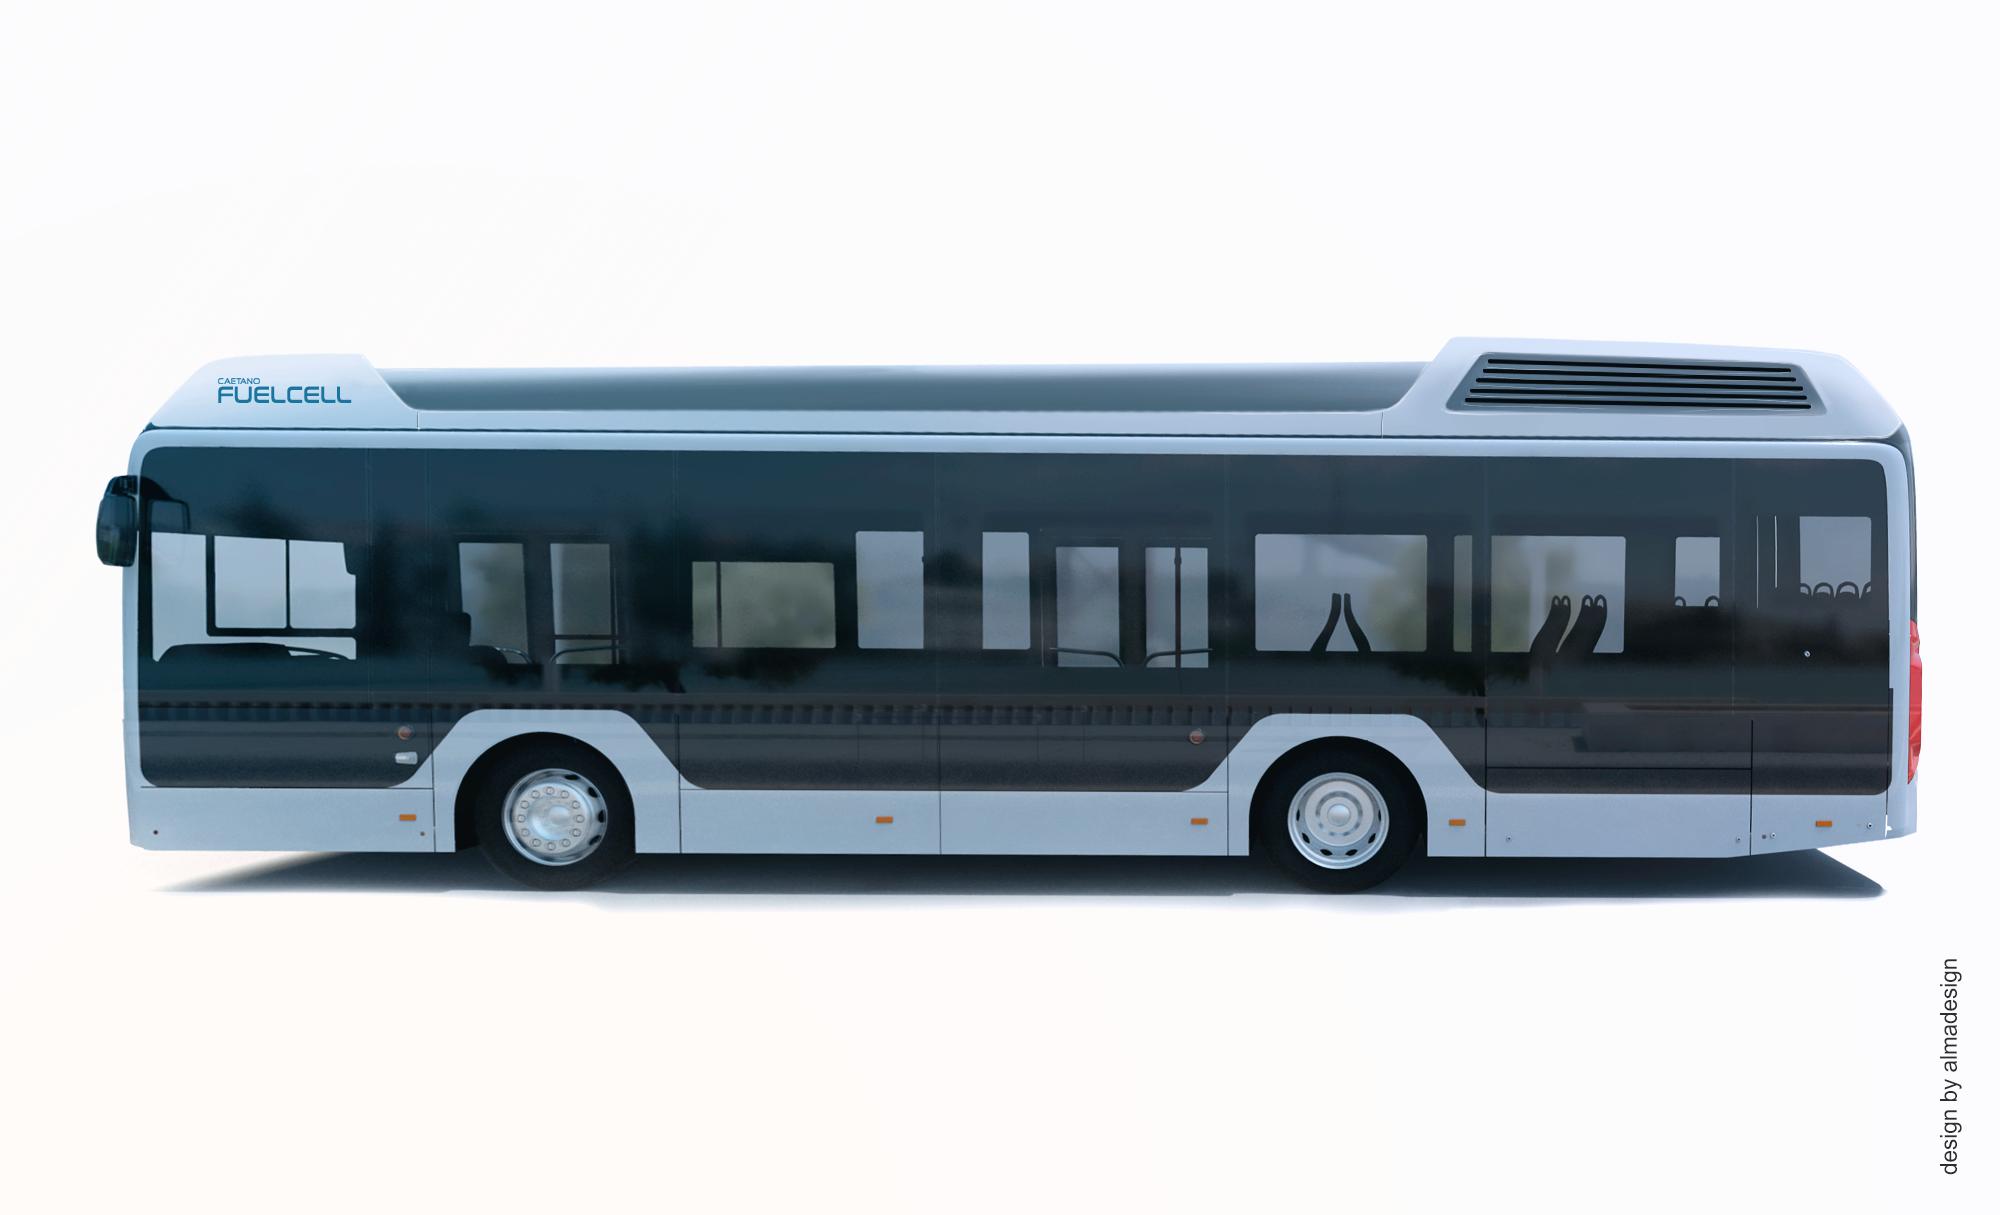 Esboço do autocarro a hidrogénio que será produzido pela CaetanoBus